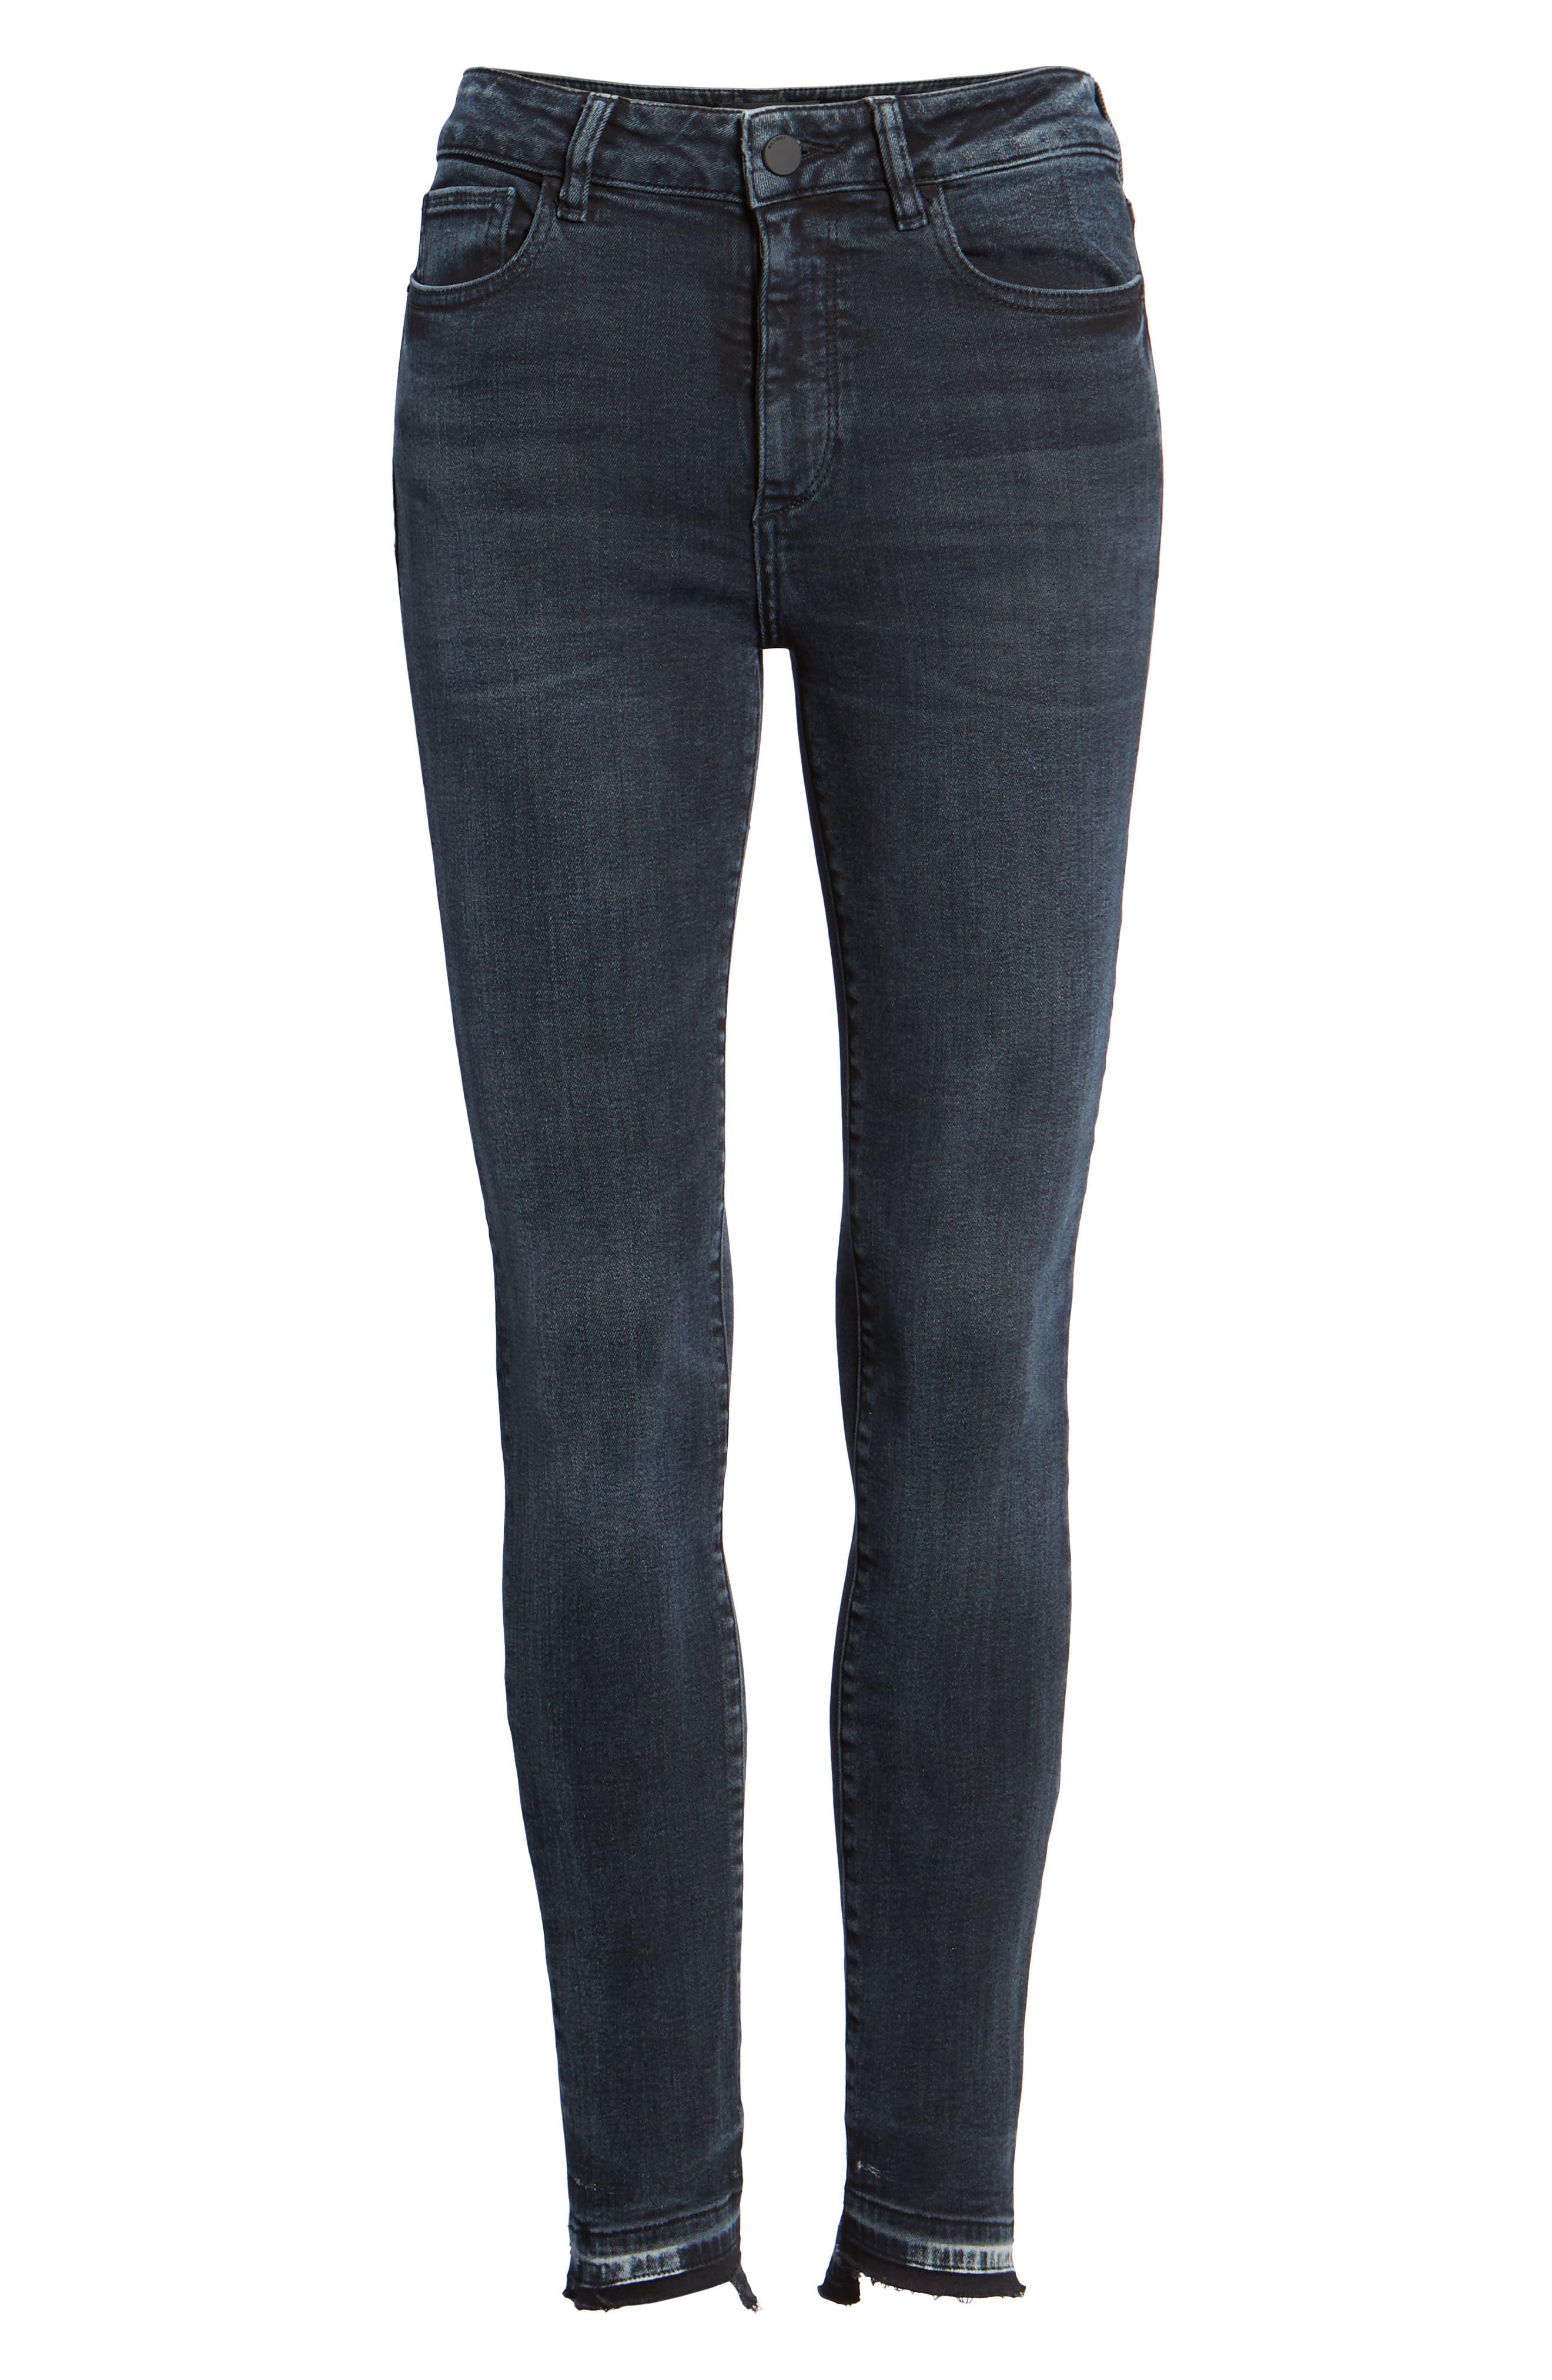 Farrow High Waist Skinny Jeans,                             Alternate thumbnail 6, color,                             425